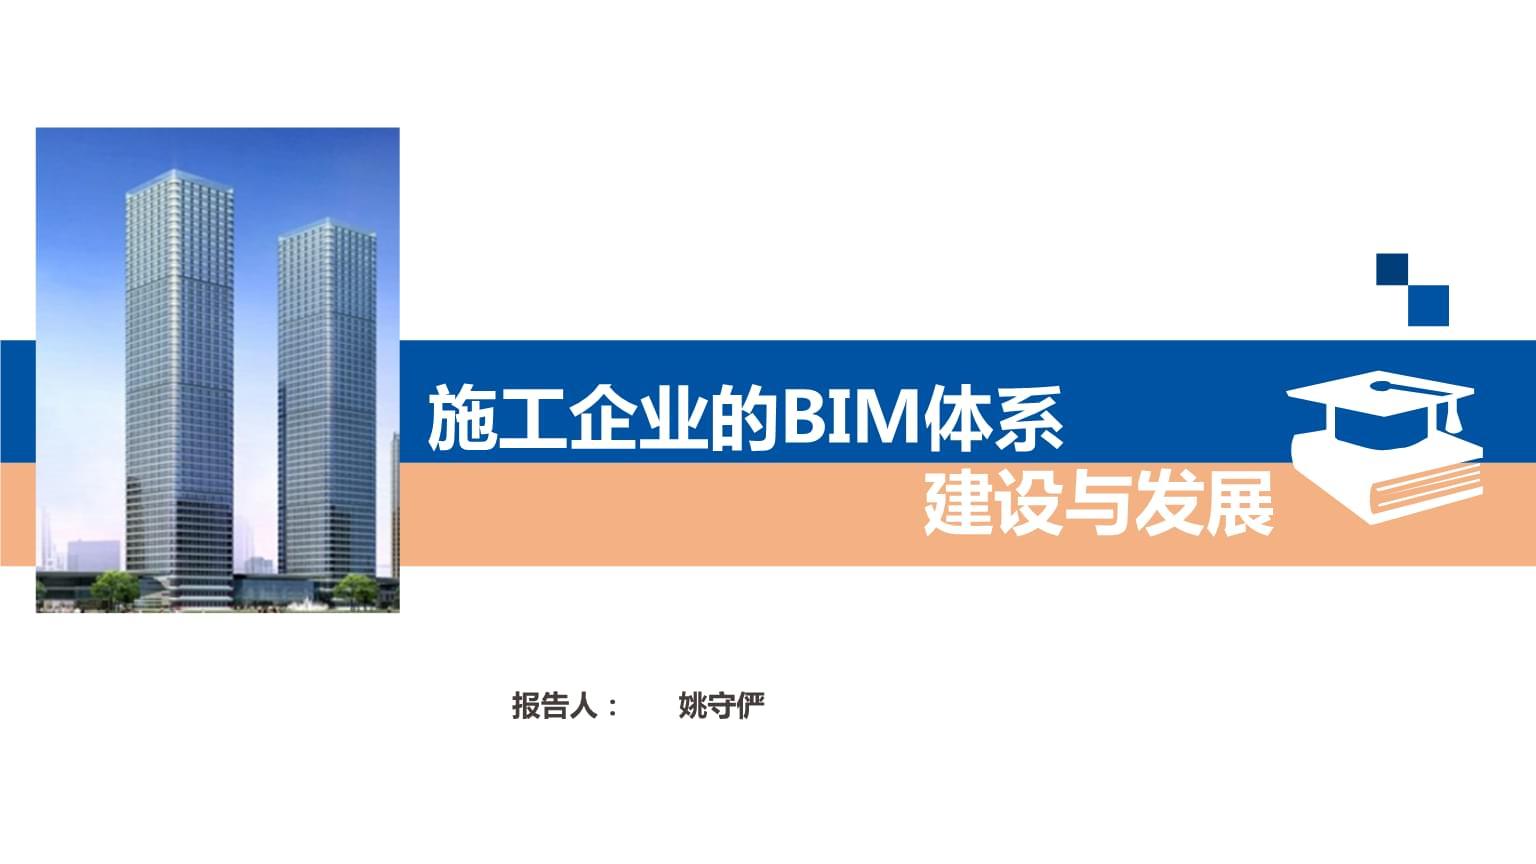 施工企业BIM体系建设与其发展.pptx